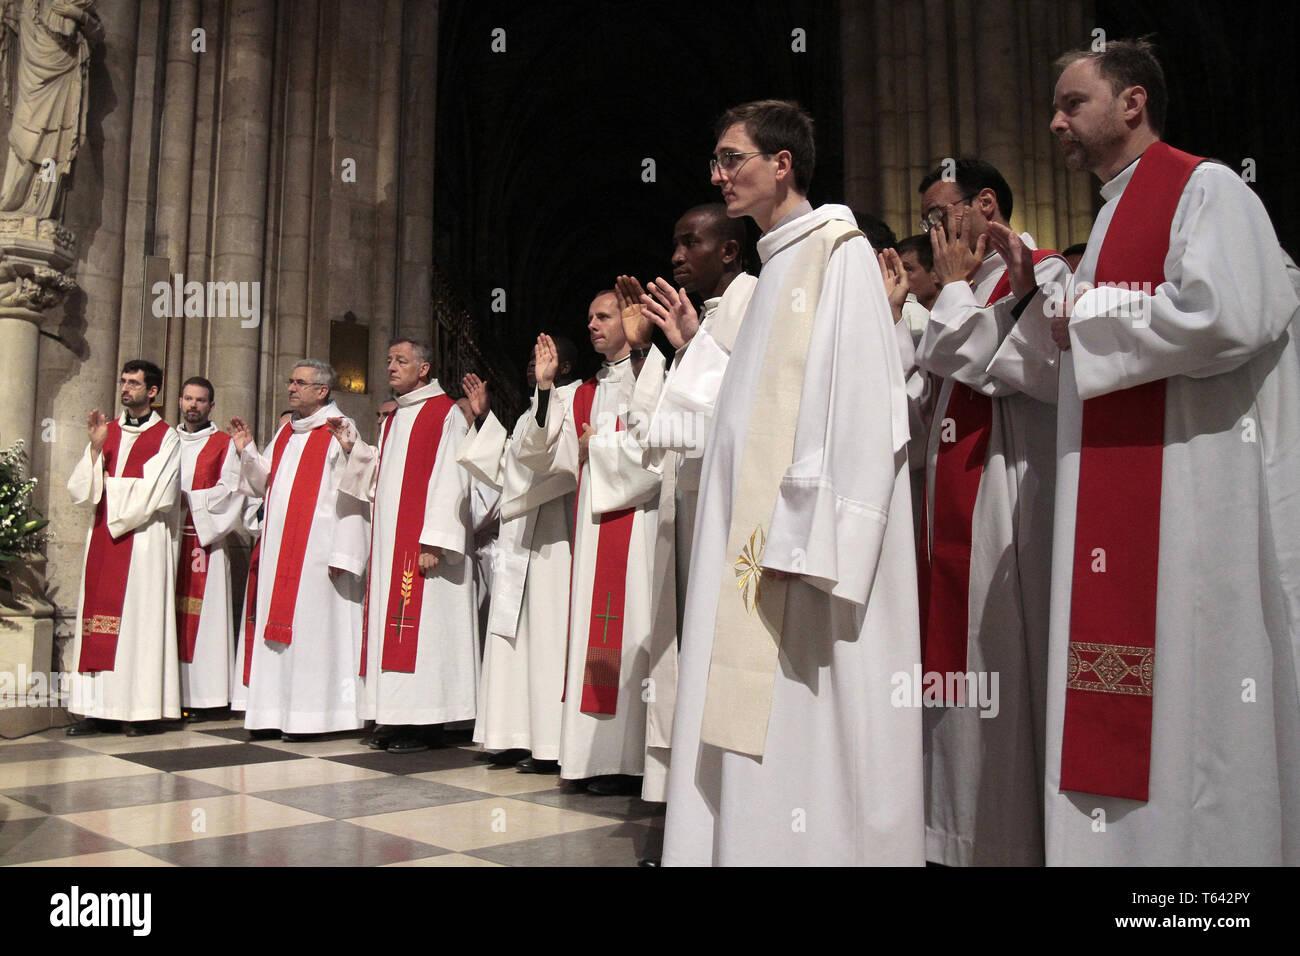 Prêtes. Ordinations sacerdotales. Cathédrale Notre-Dame de Paris. - Stock Image